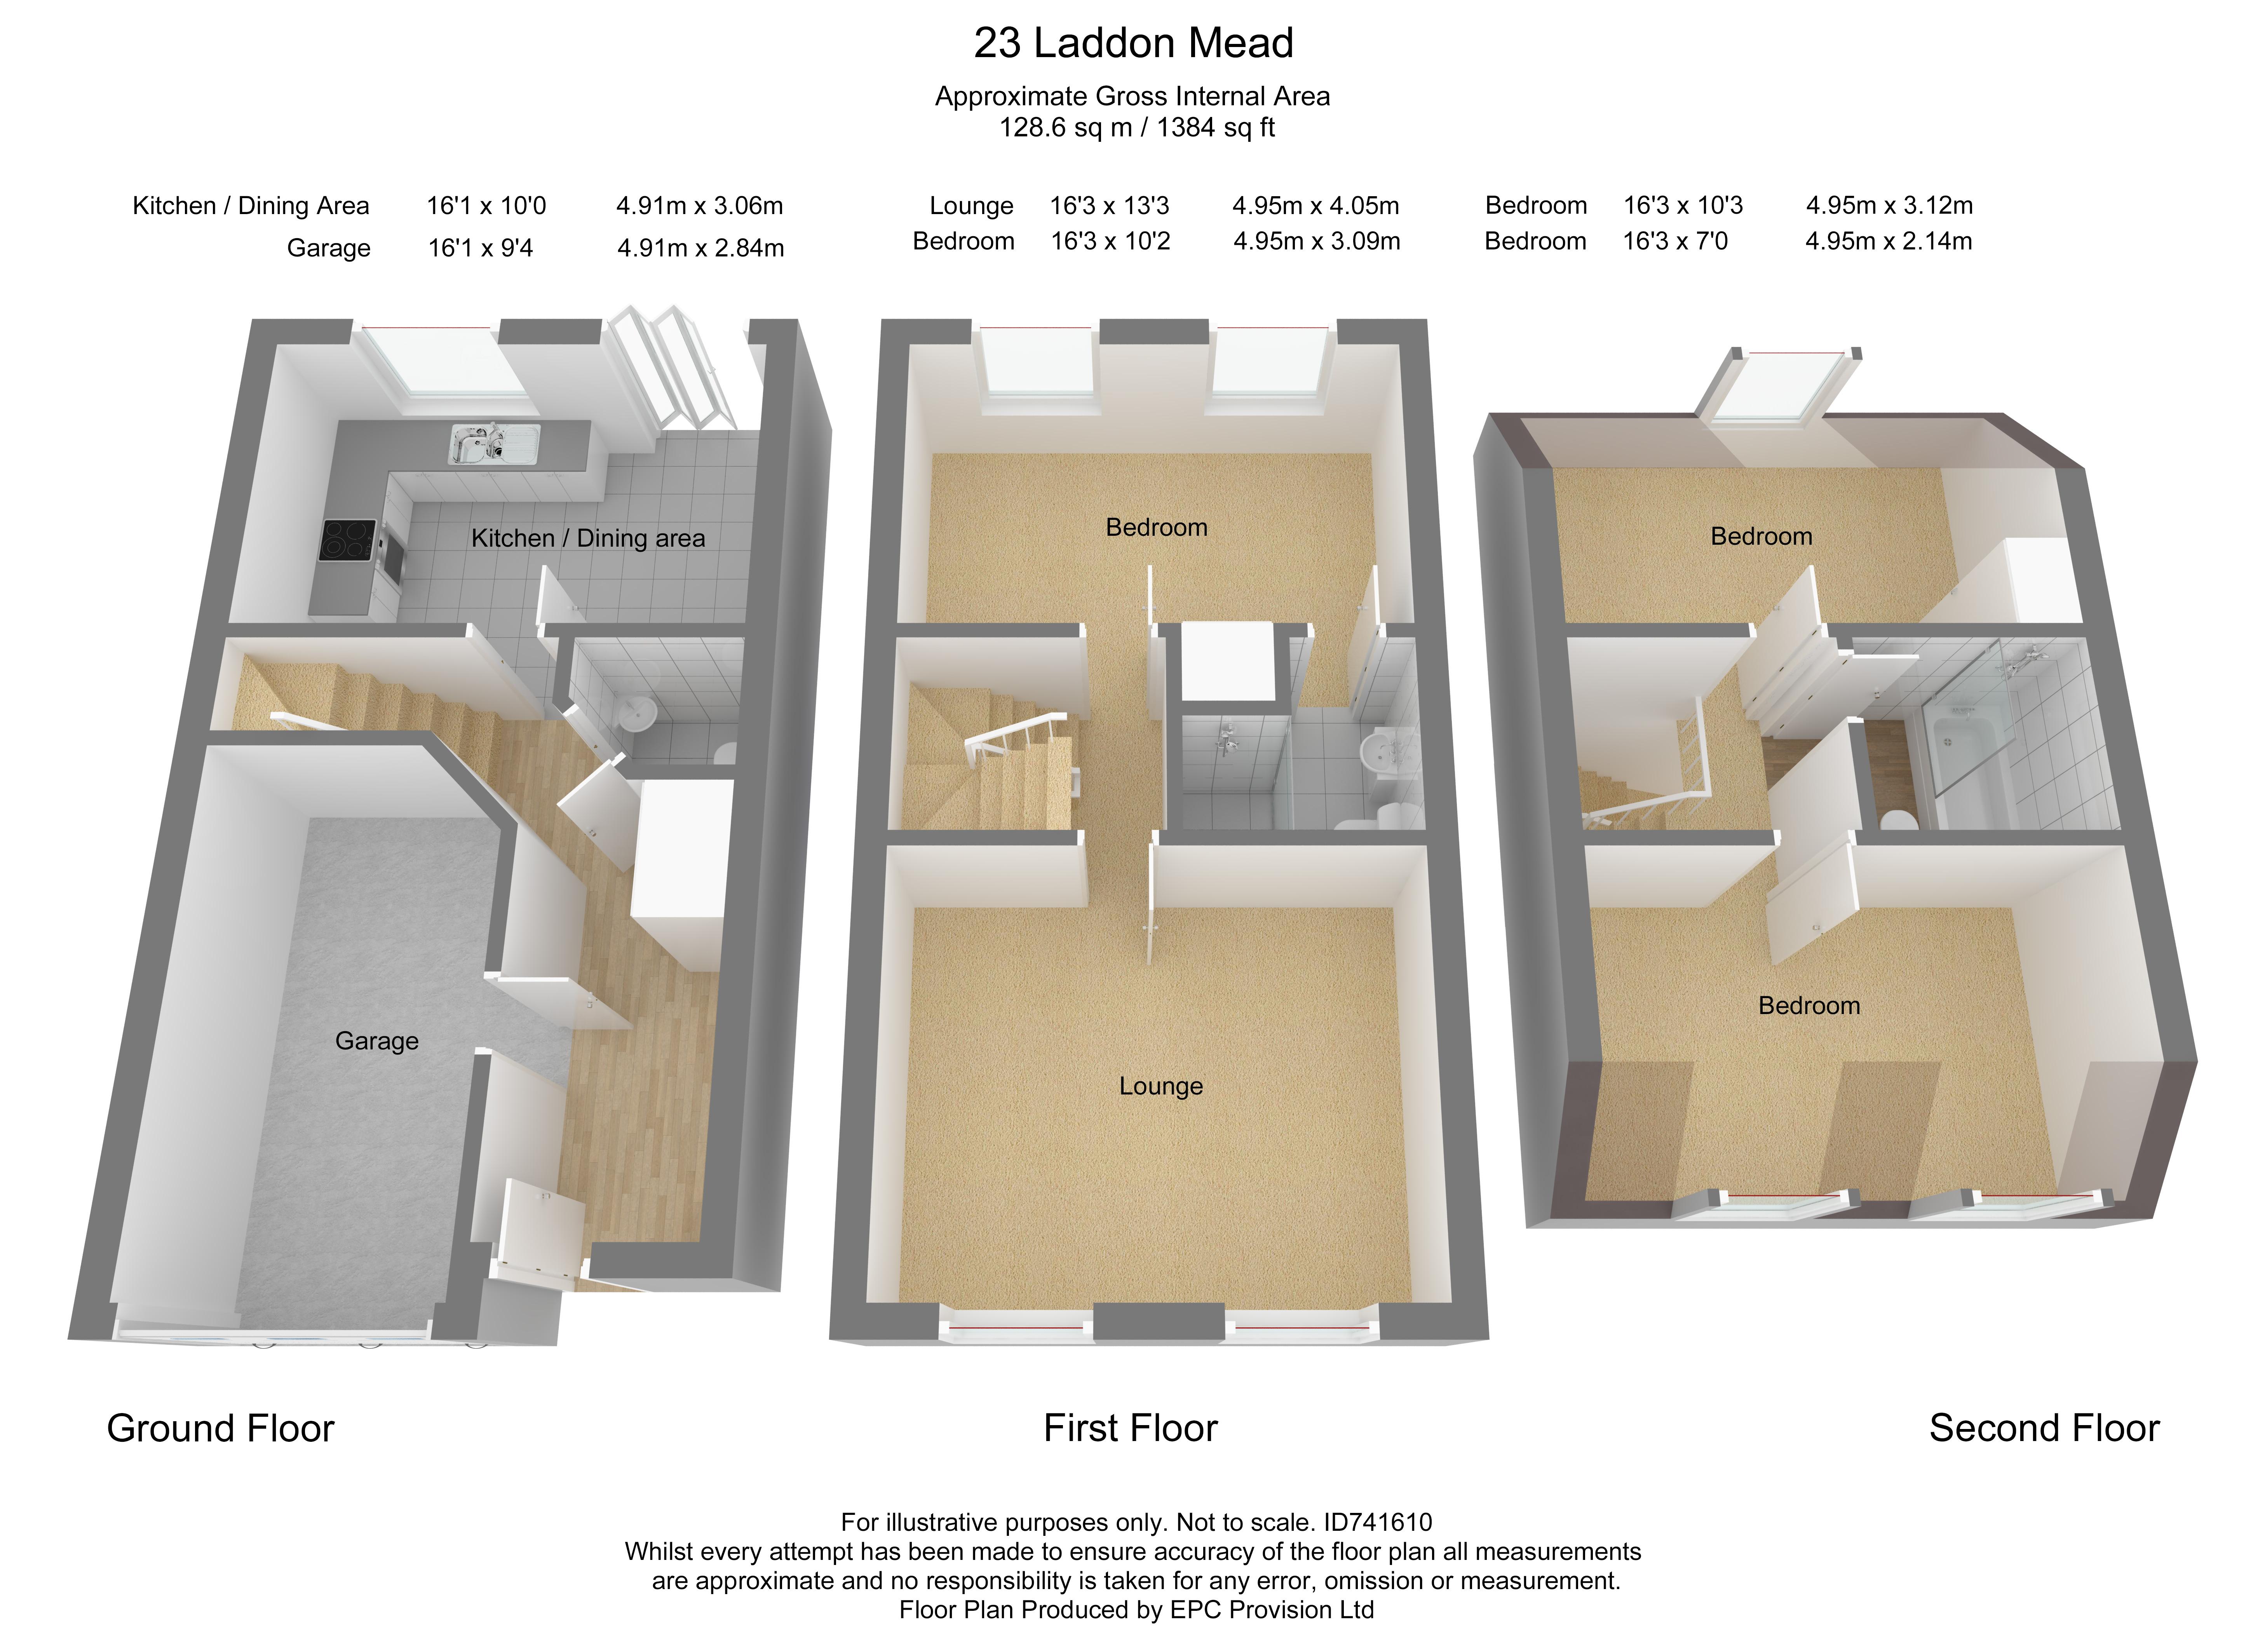 Floorplan for Laddon Mead, Yate.